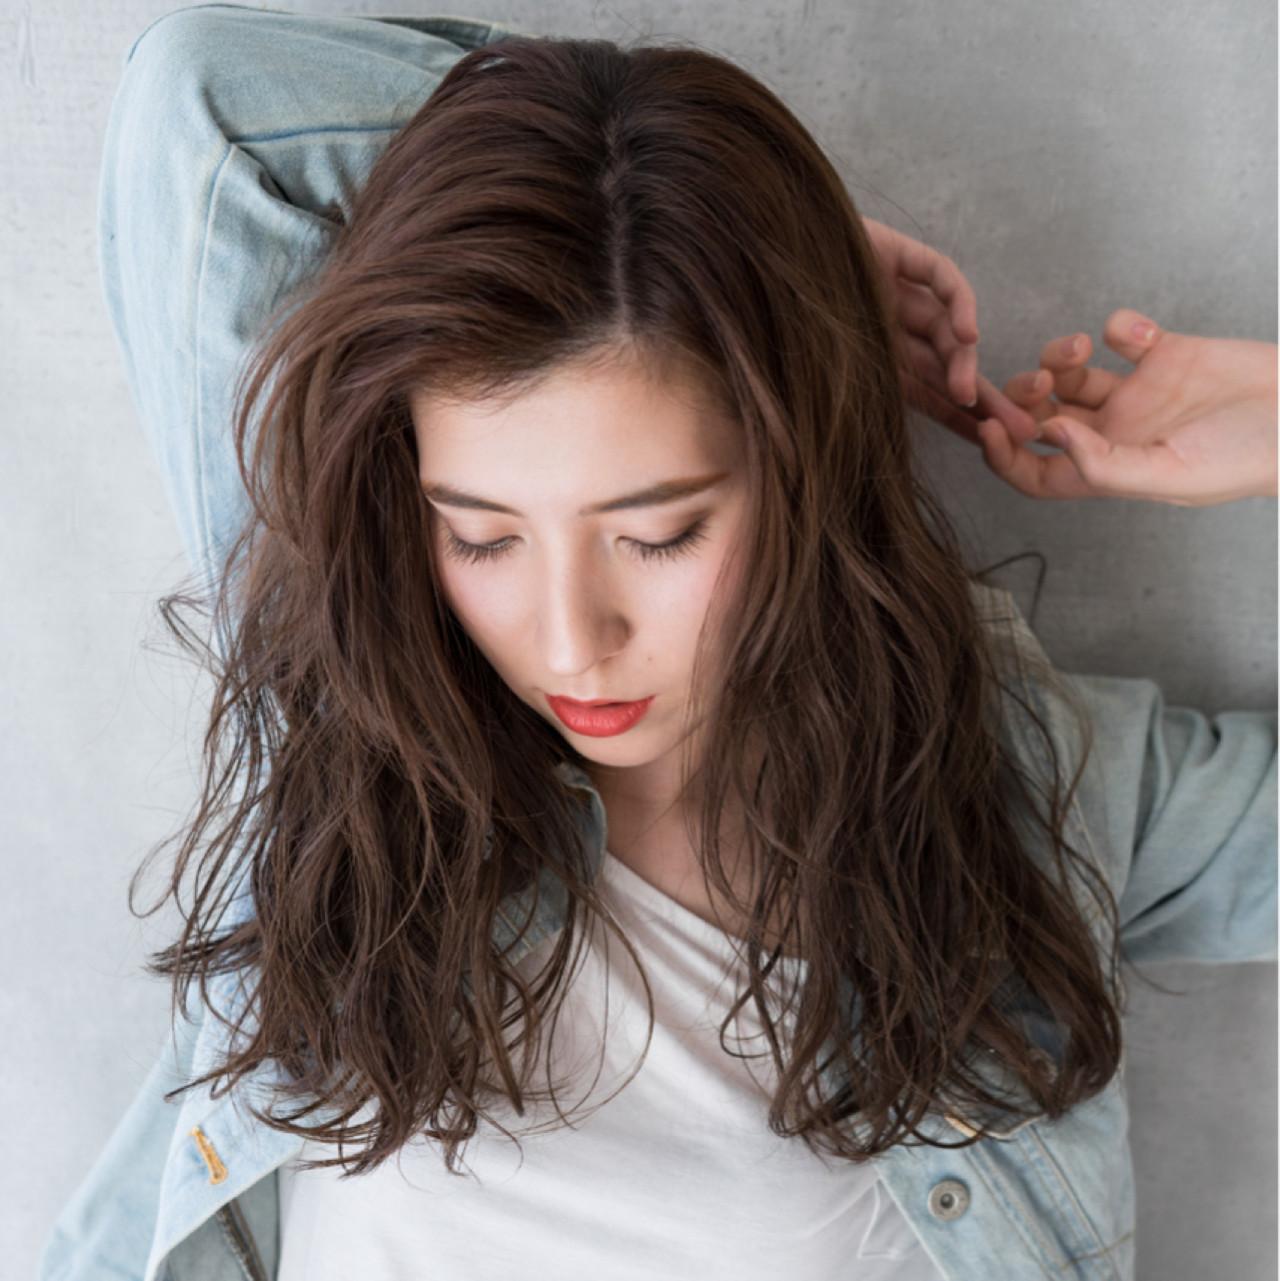 かき上げ前髪 ロング 前髪あり ストリート ヘアスタイルや髪型の写真・画像